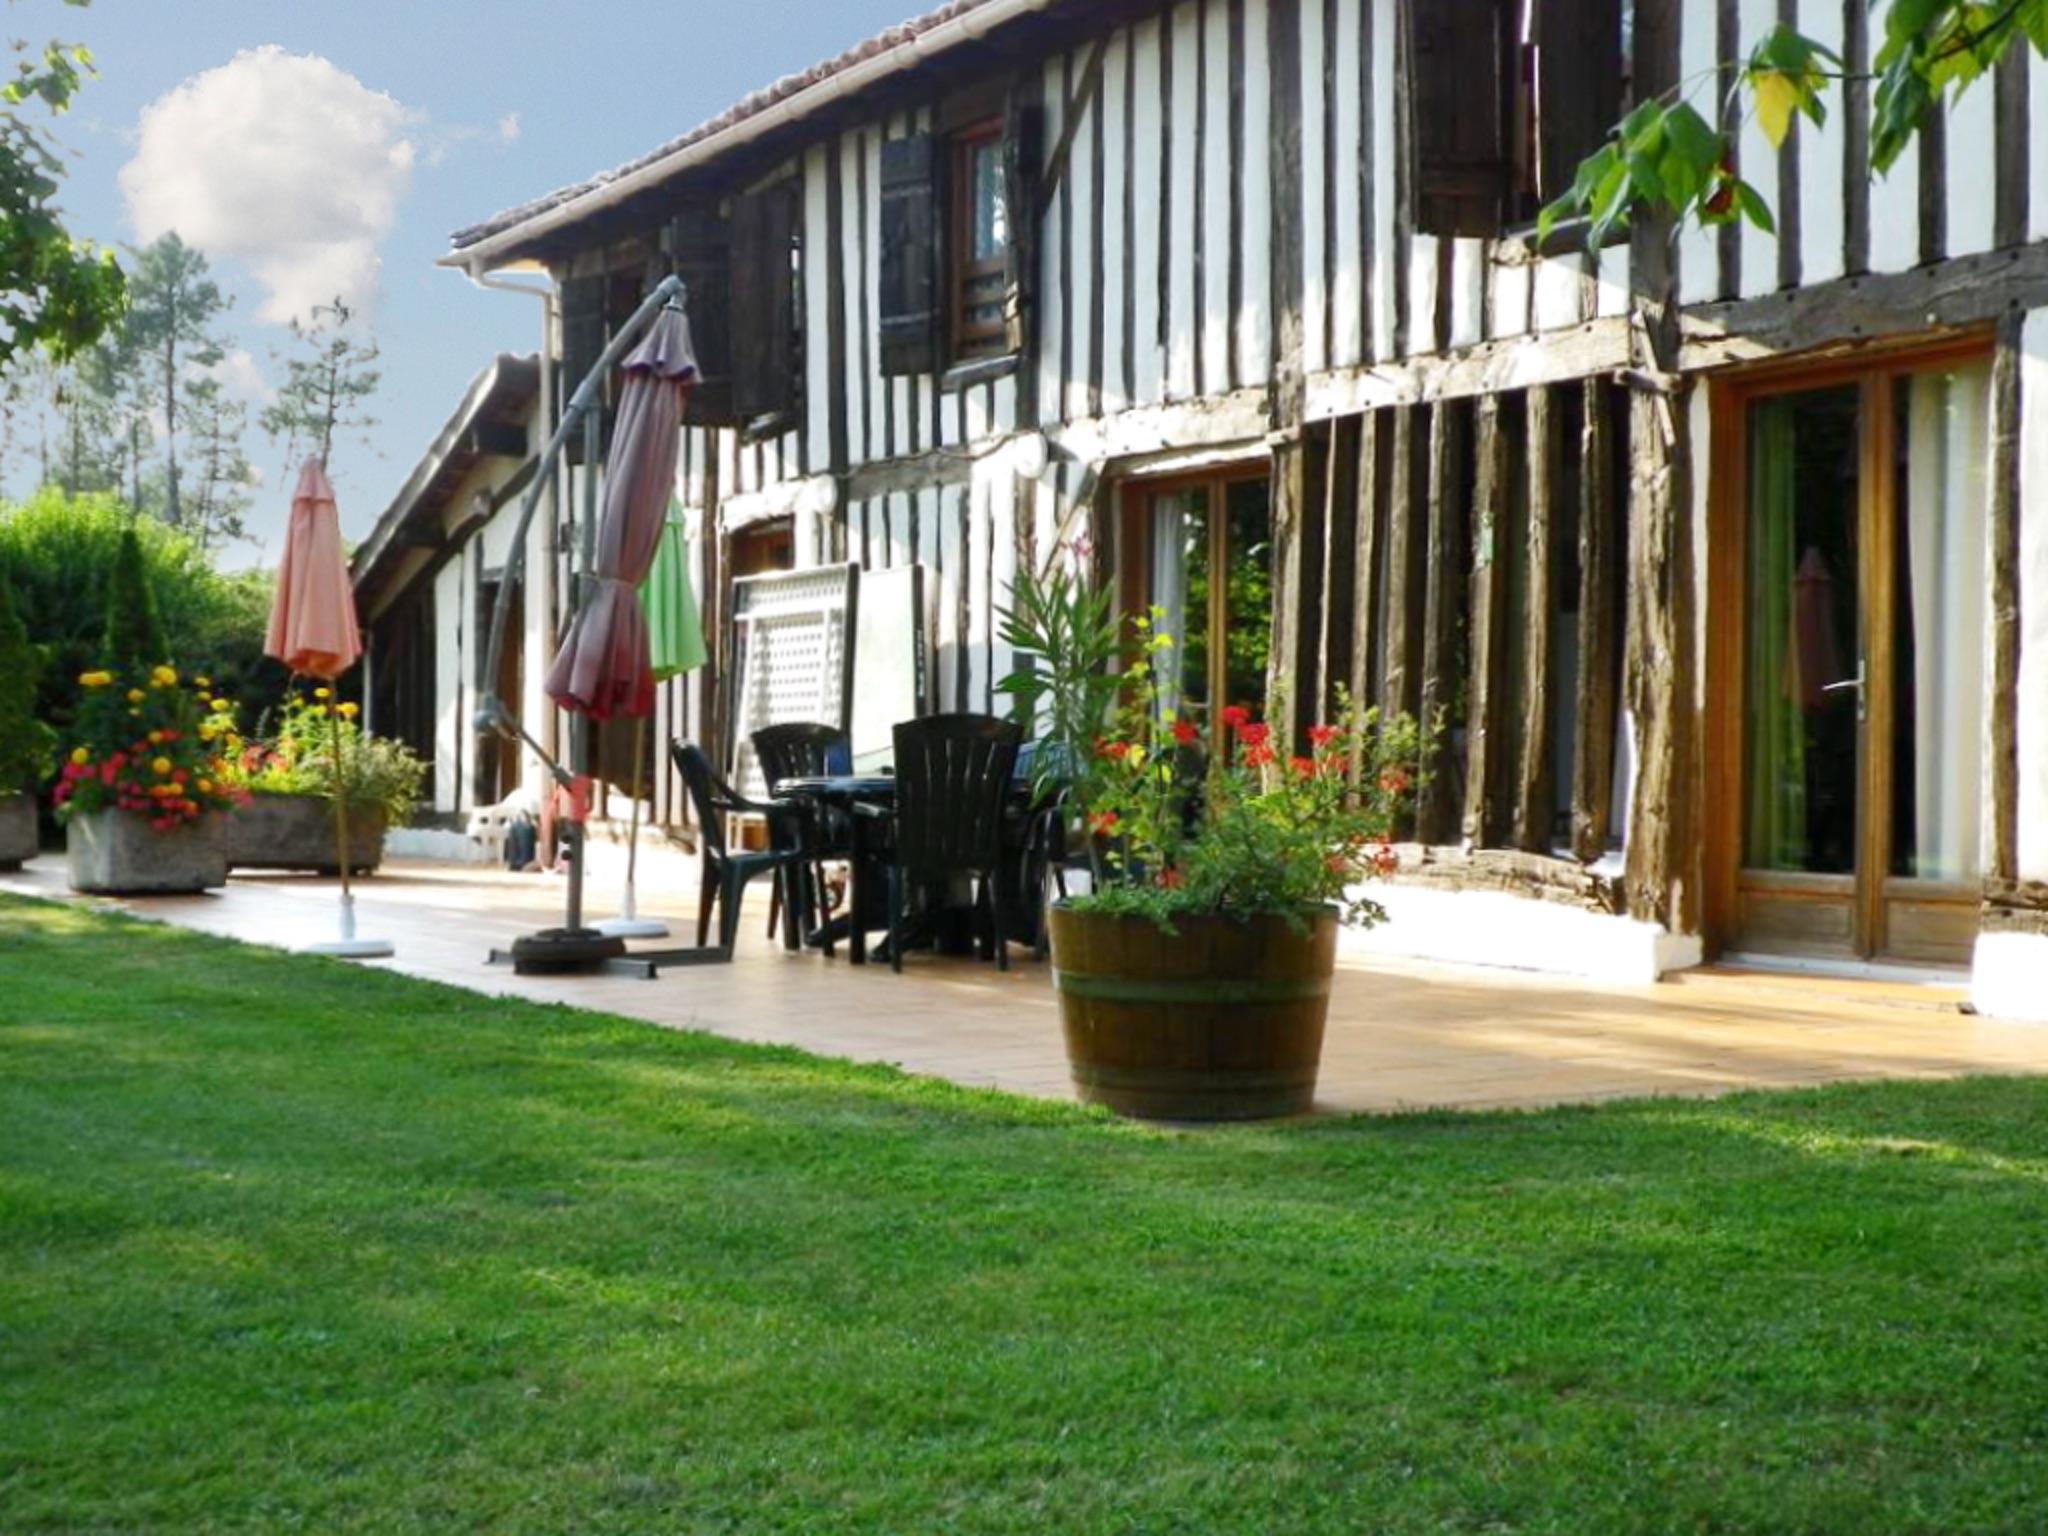 Ferienhaus Villa mit 4 Zimmern in Trensacq mit privatem Pool und möbliertem Garten - 45 km vom Strand (2202366), Trensacq, Landes, Aquitanien, Frankreich, Bild 4